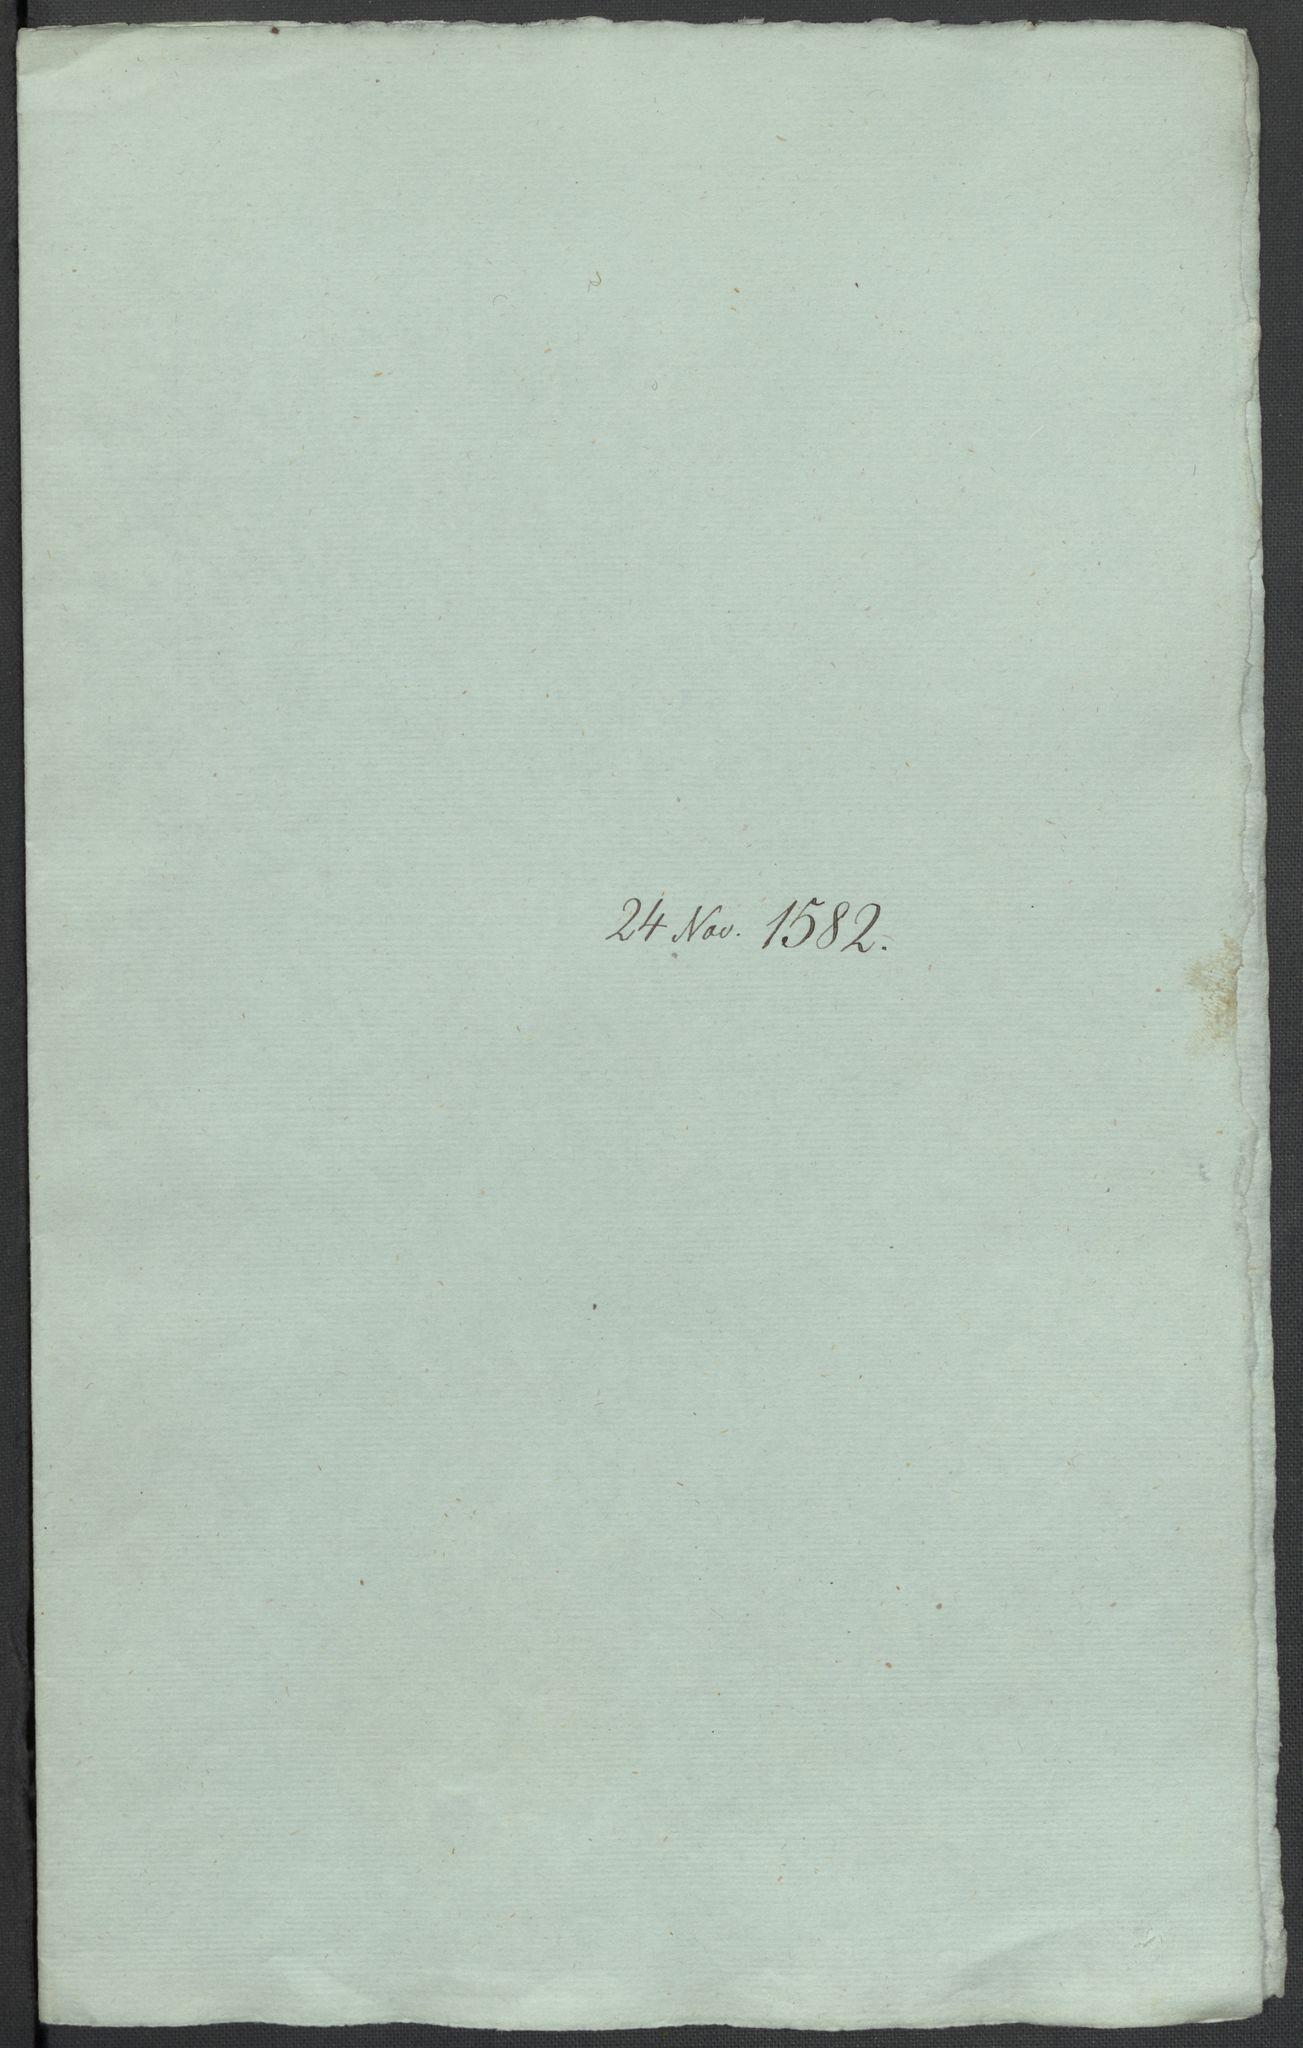 RA, Riksarkivets diplomsamling, F02/L0084: Dokumenter, 1582, s. 50